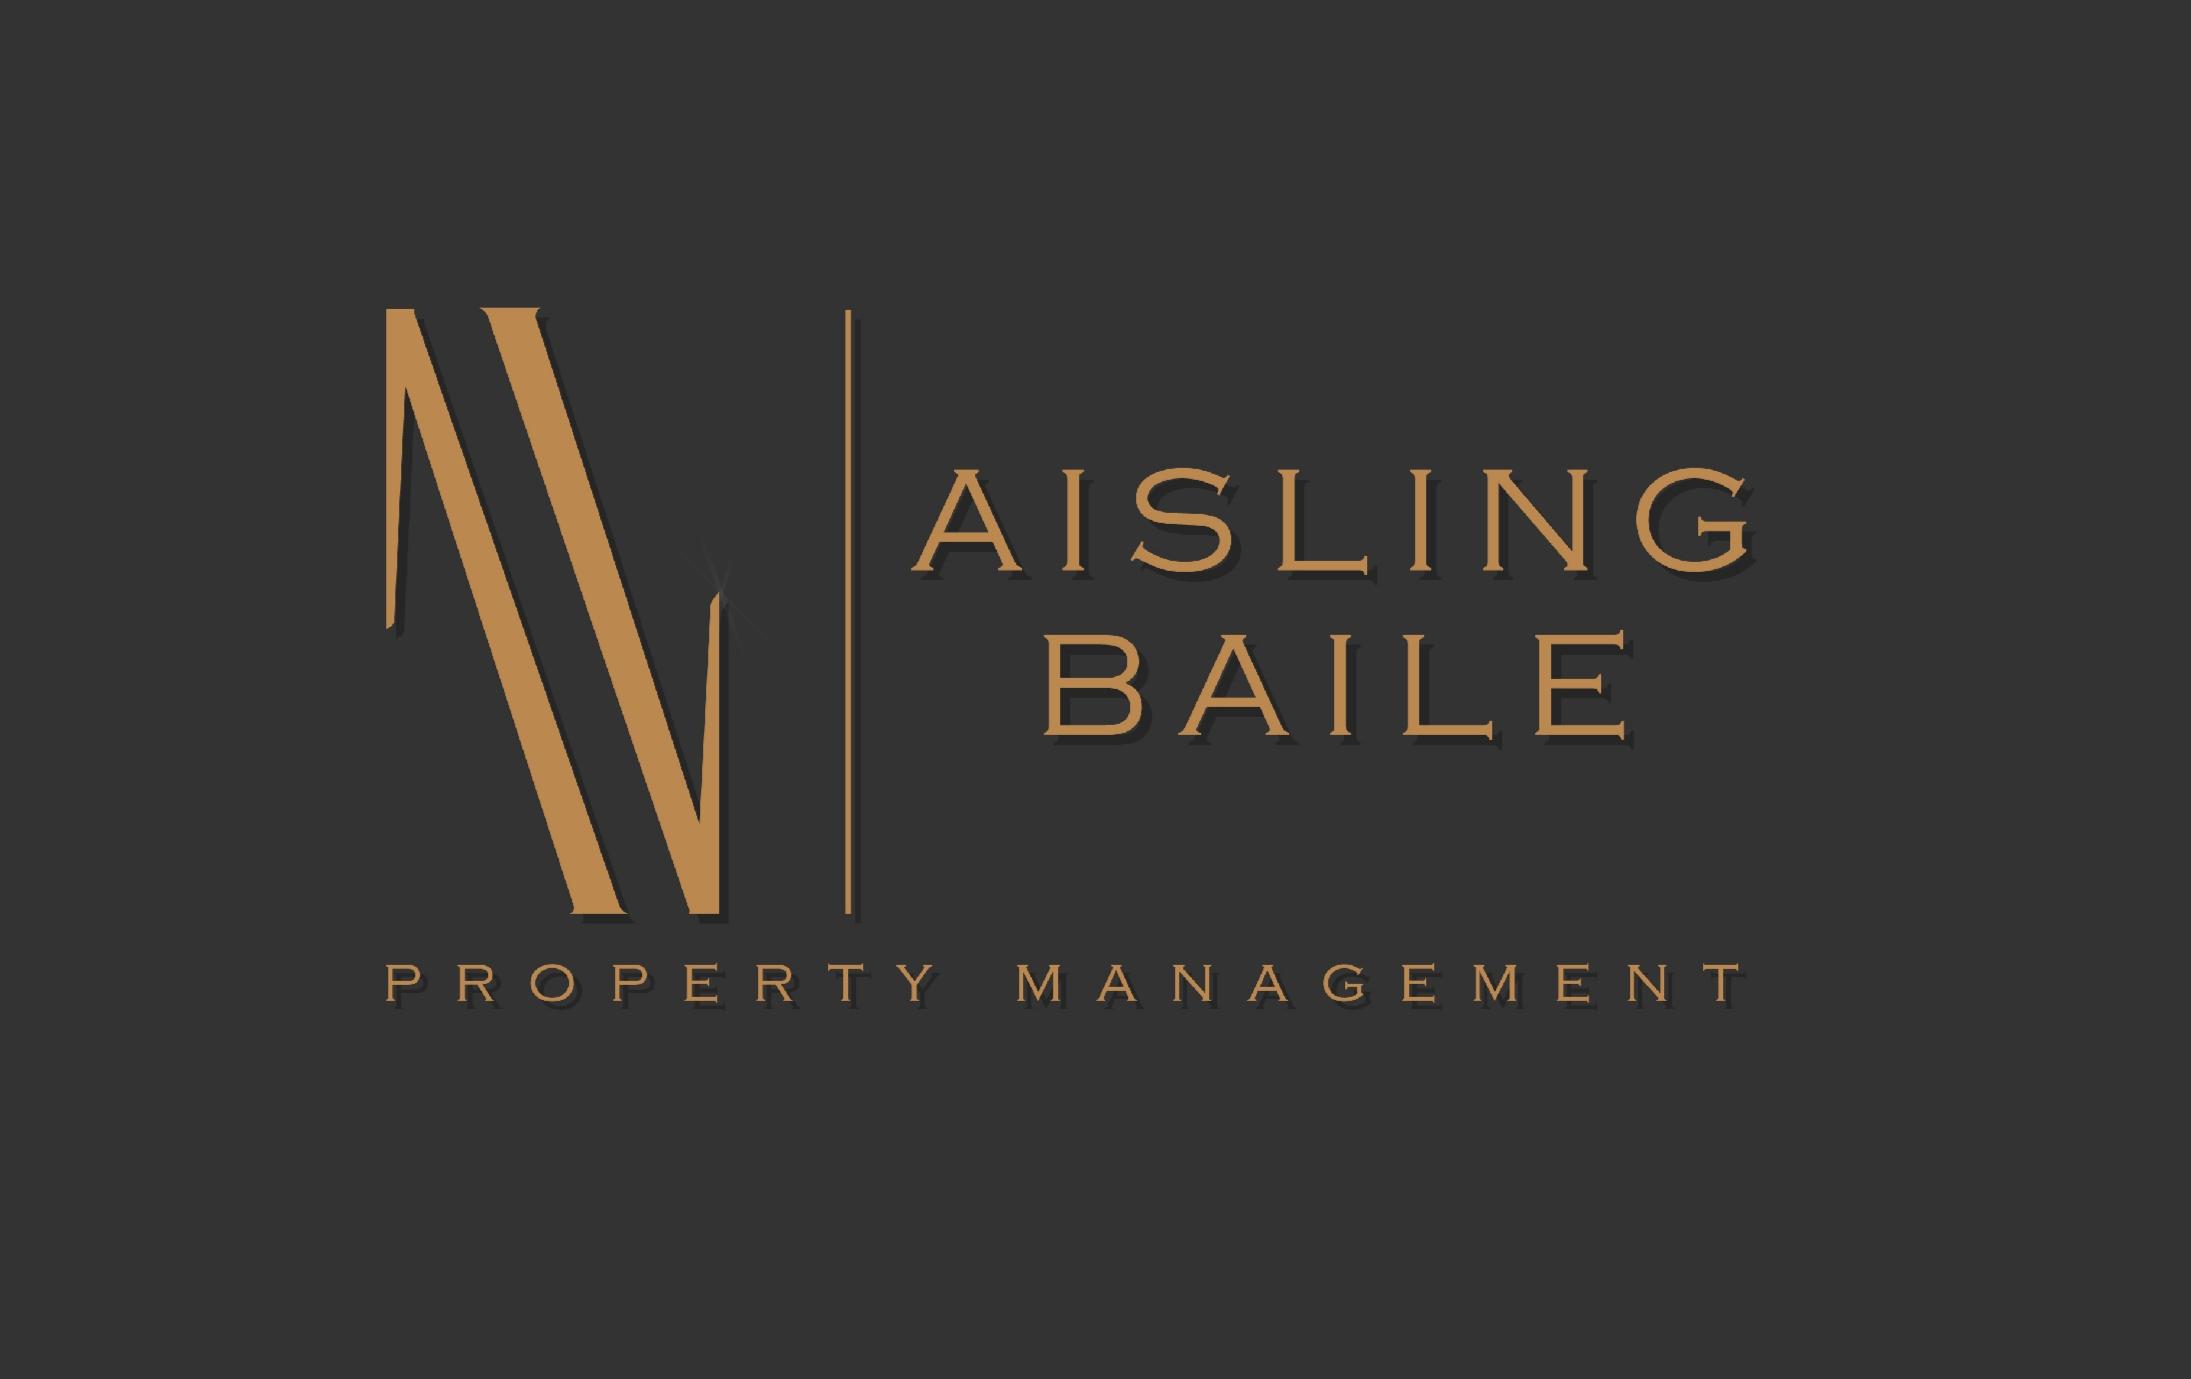 Aisling Baile Inc.